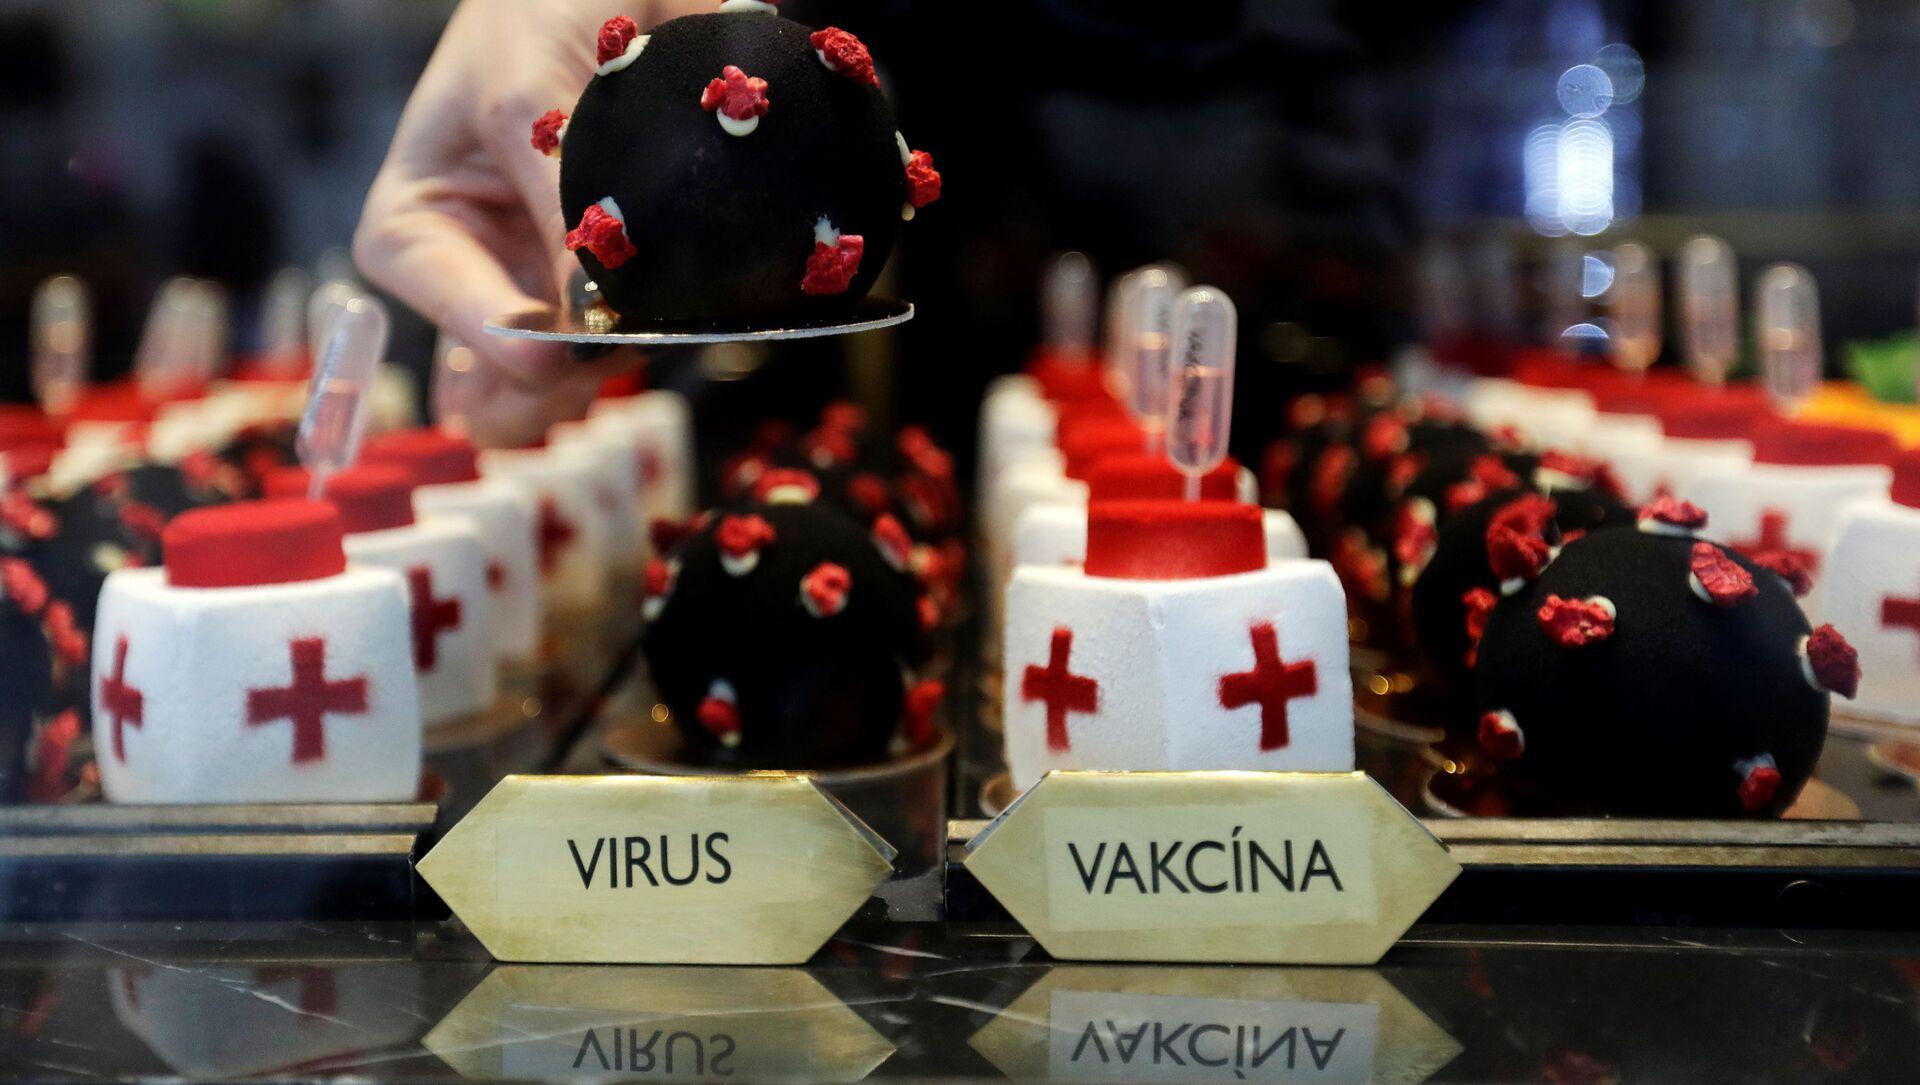 Koláčky v podobě viru SARS-CoV-2 a vakcíny v kavárně v Praze - Sputnik Česká republika, 1920, 10.03.2021